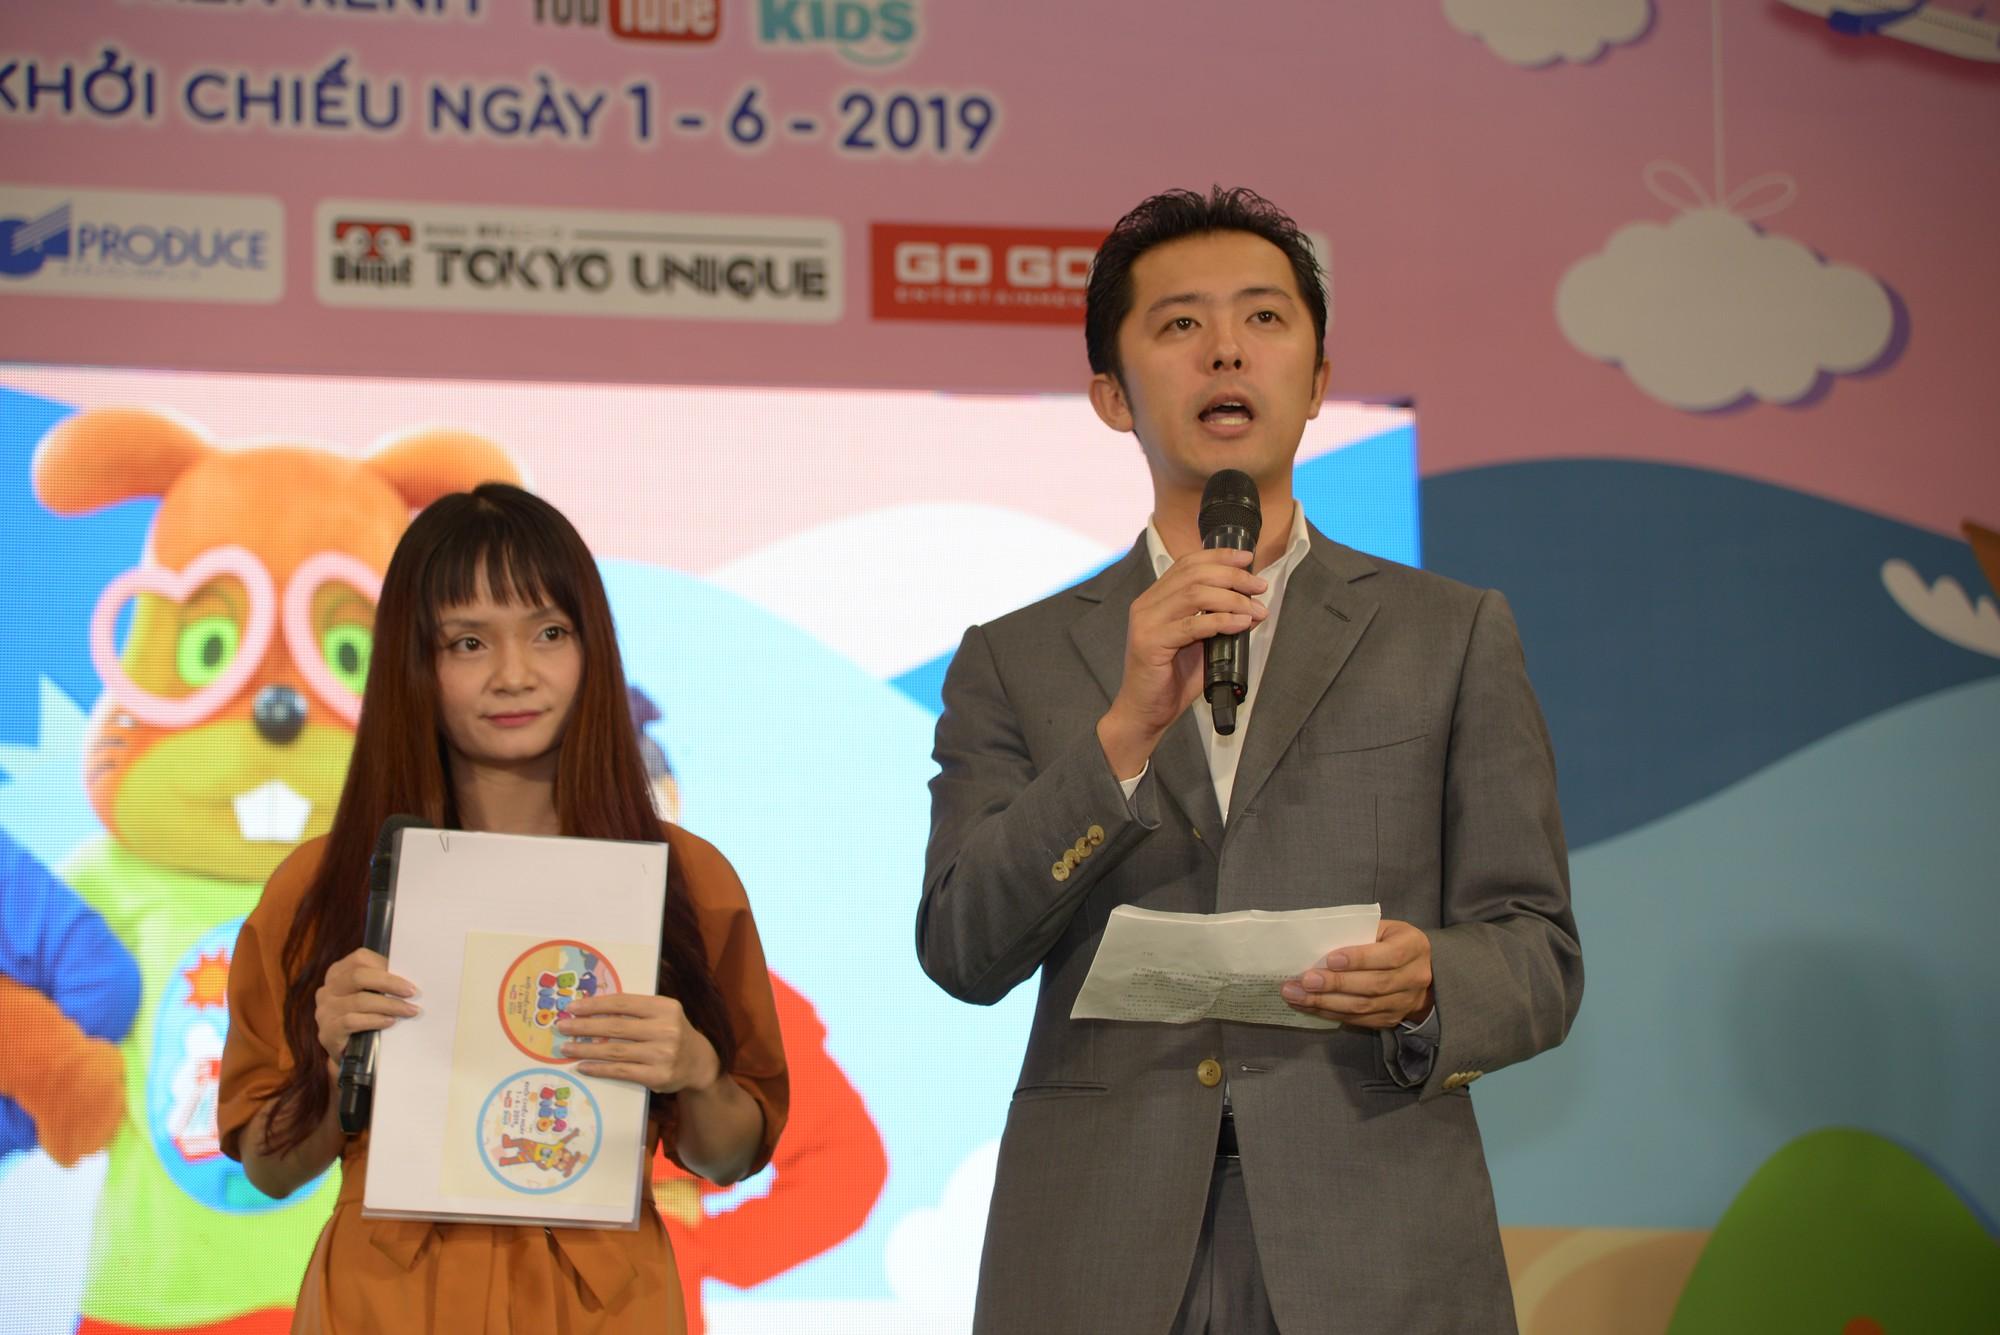 Sao nhí Việt hào hứng chào đón chương trình giải trí mới dành cho thiếu nhi - Ảnh 3.